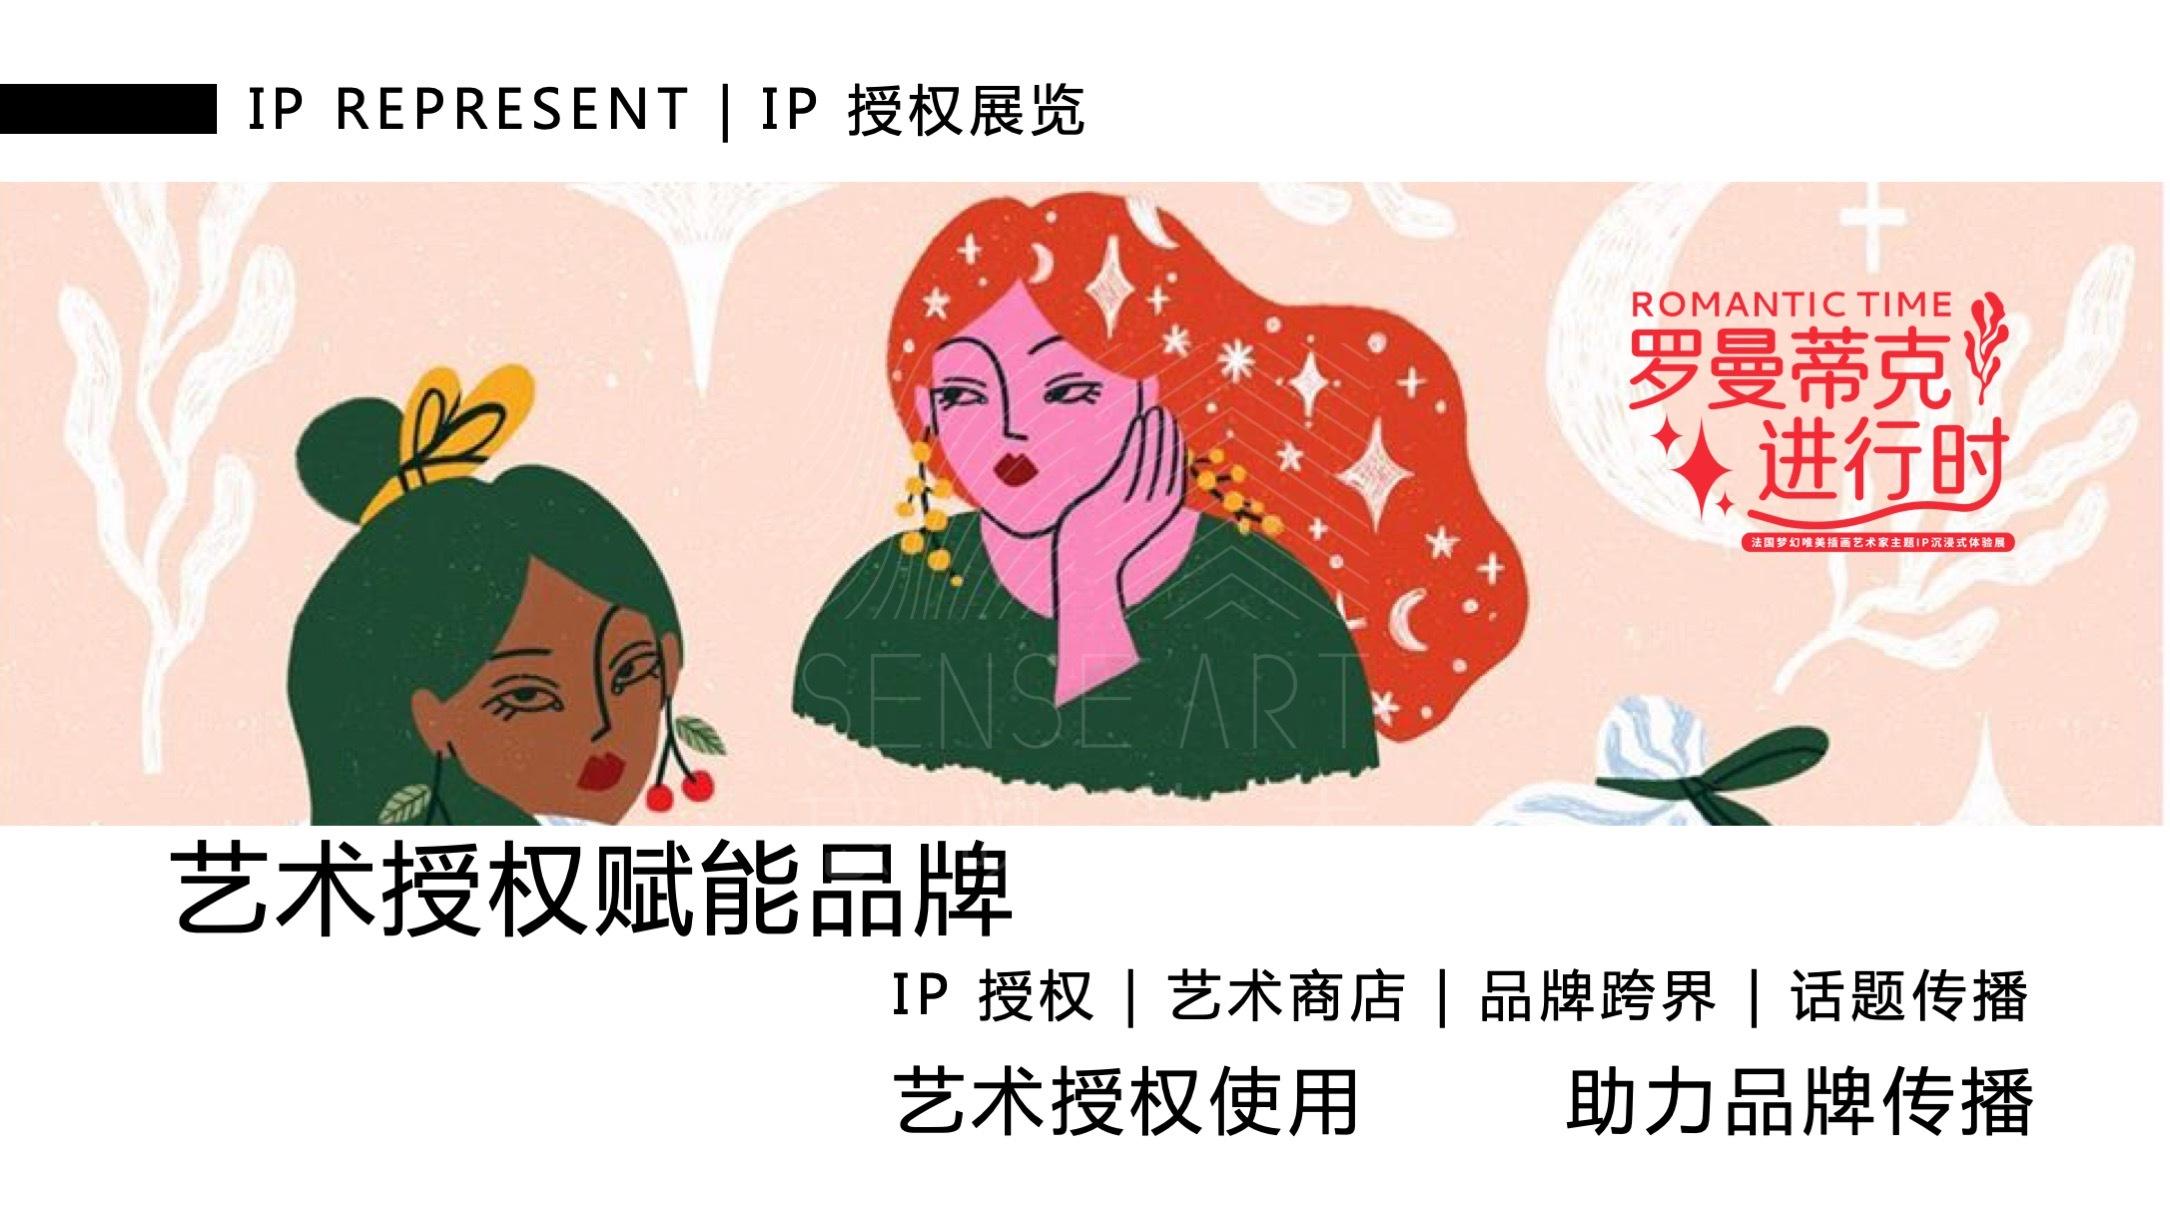 【罗曼蒂克进行时】法国梦幻唯美插画艺术家IP沉浸式体验展